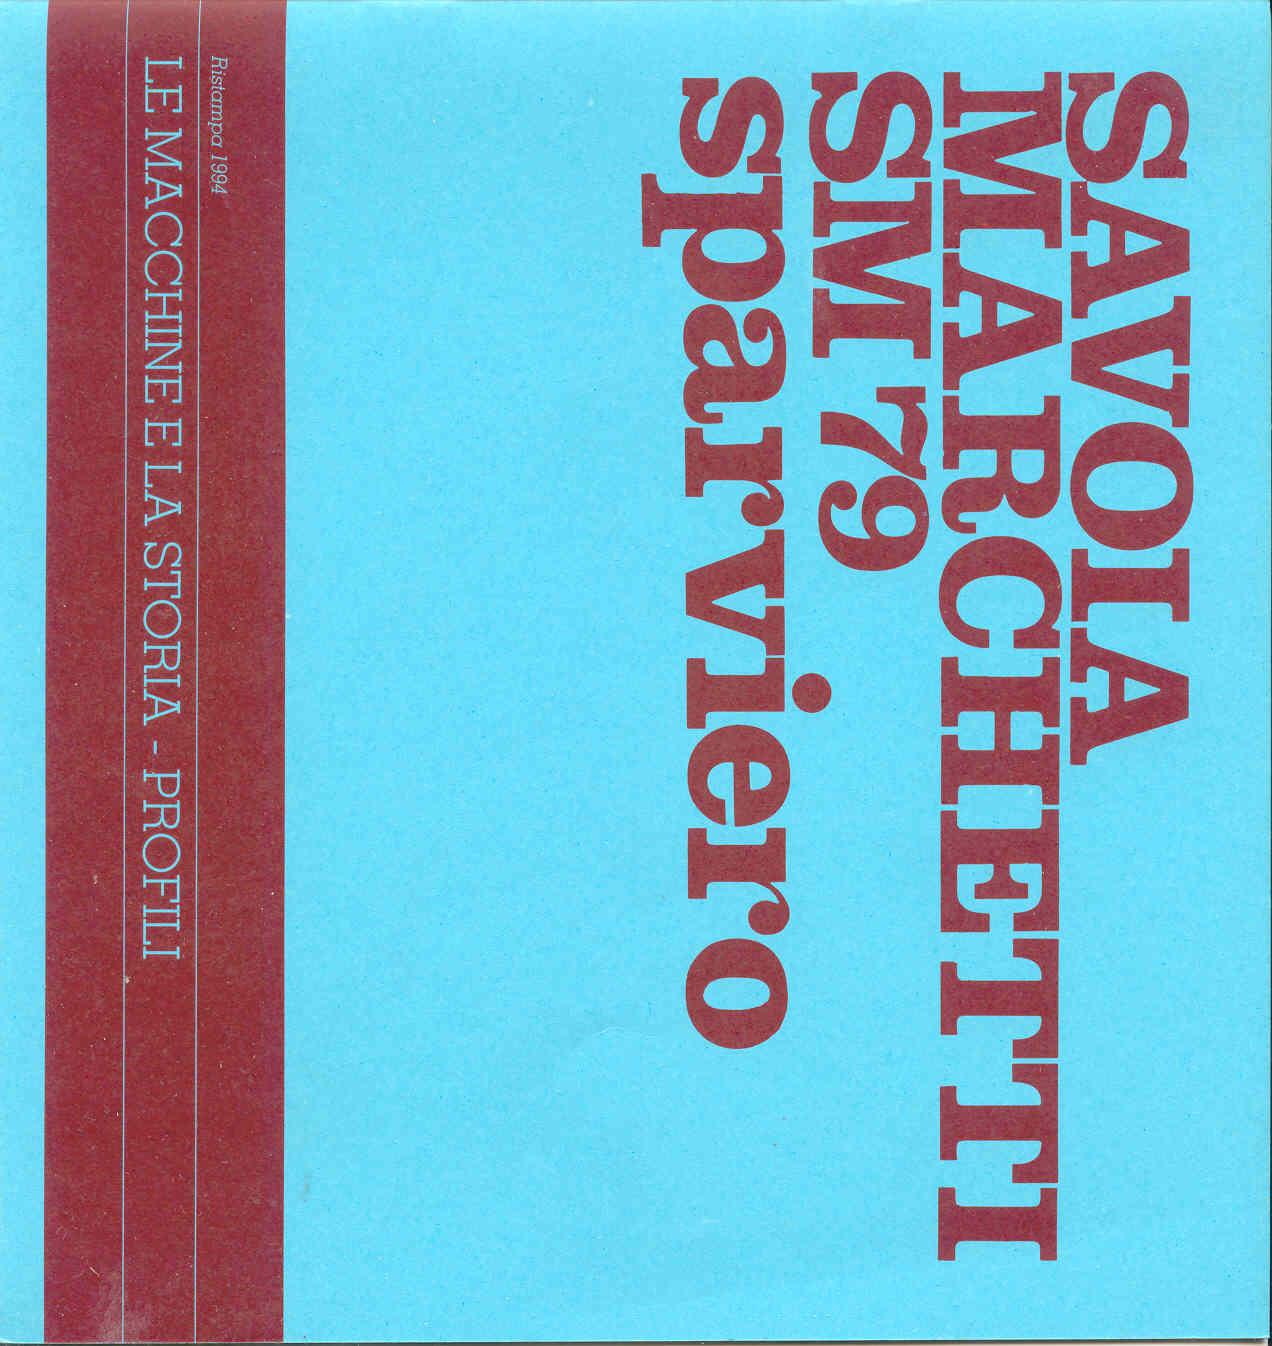 Il Savoia Marchetti SM 79 sparviero (1933-1940). Aereo usato nel secondo conflitto mondiale